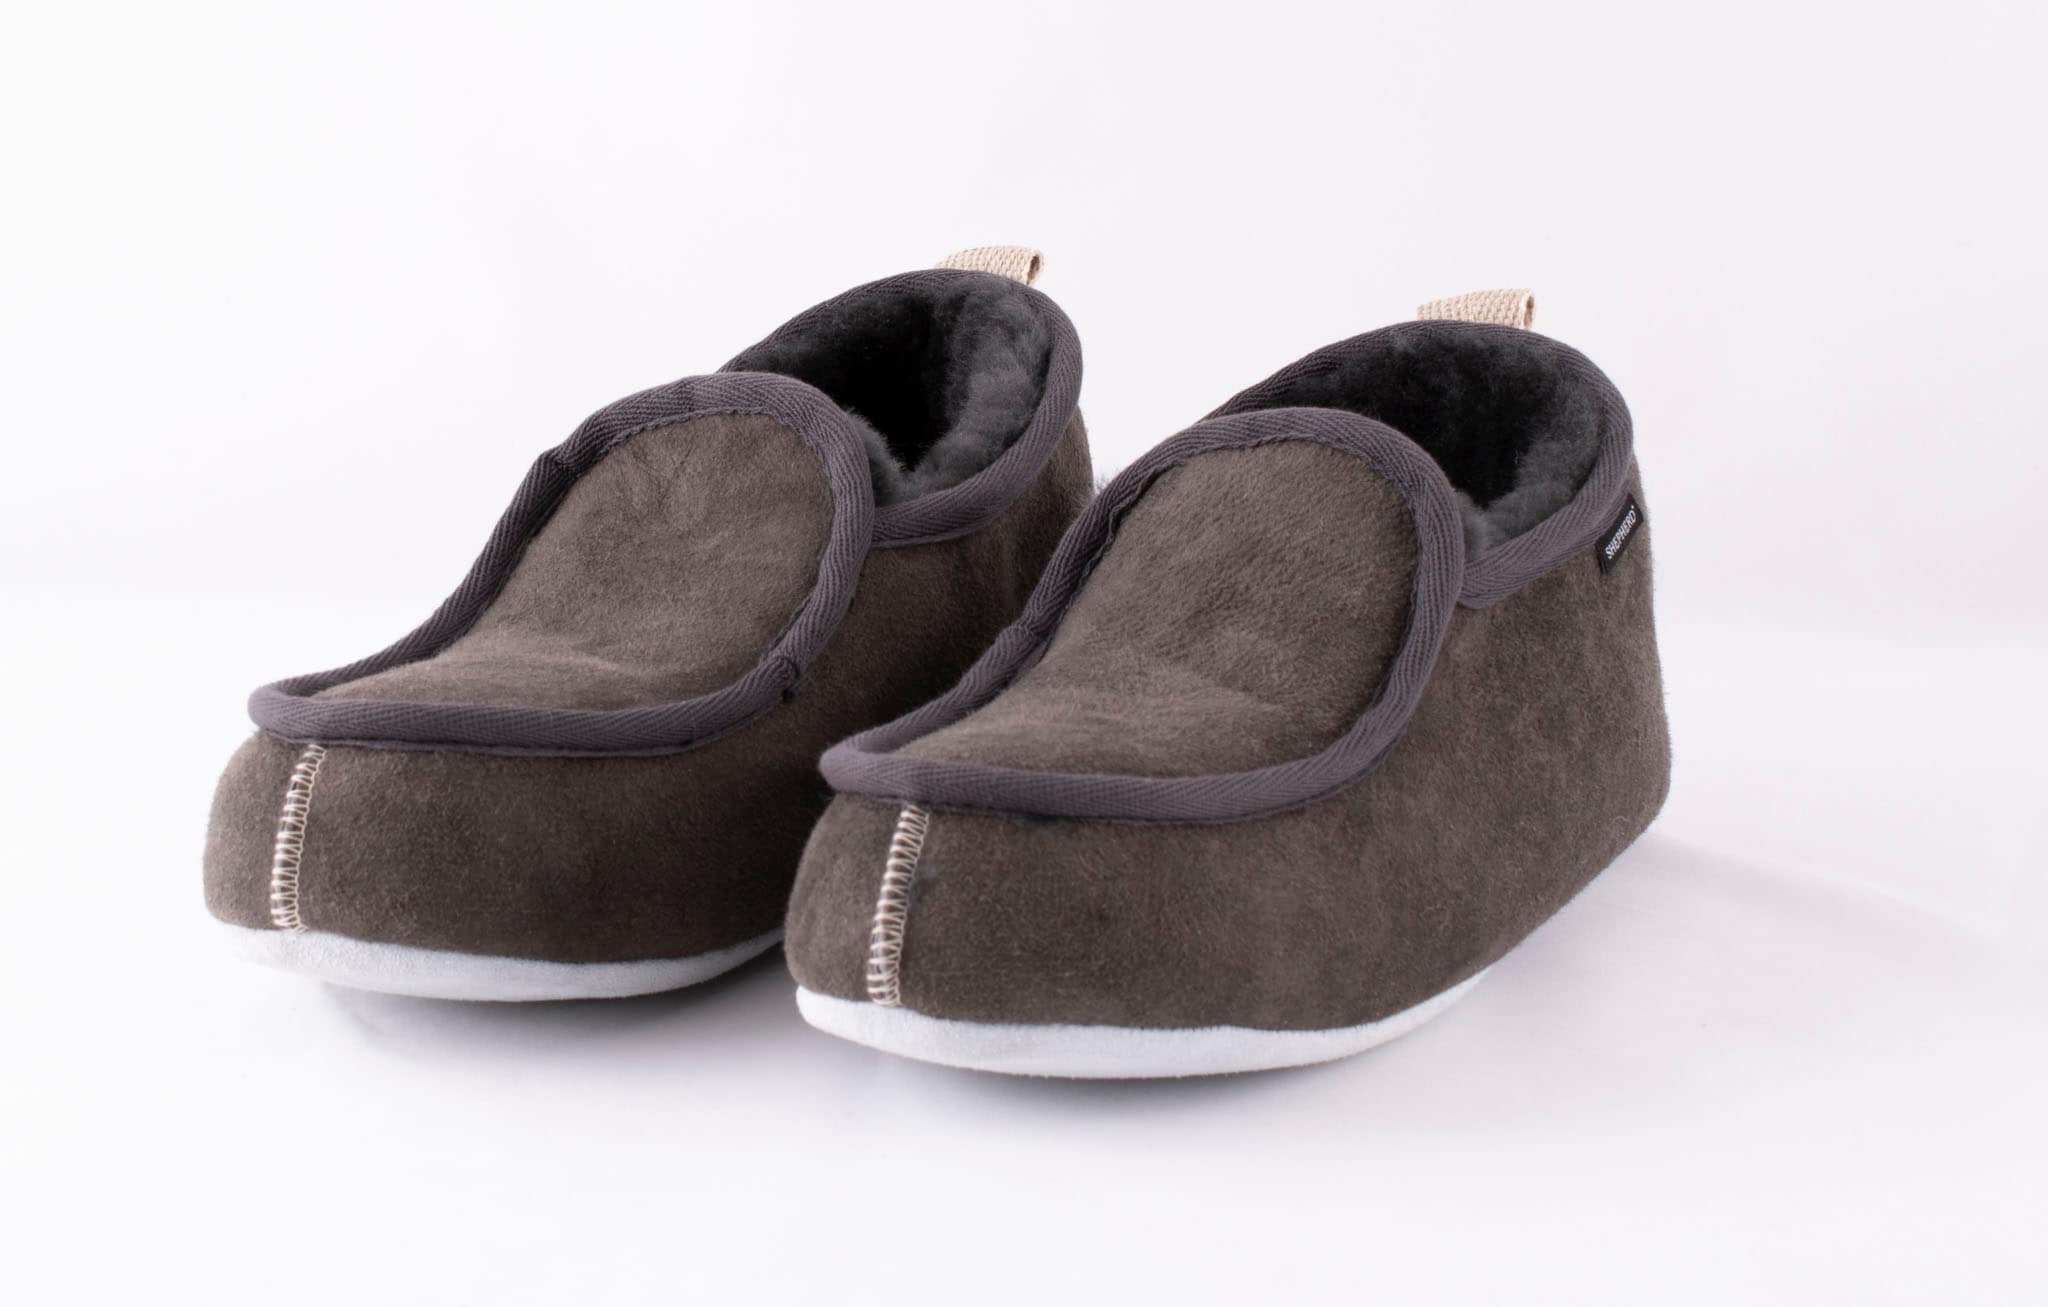 Malte slippers Shepherd asphalt